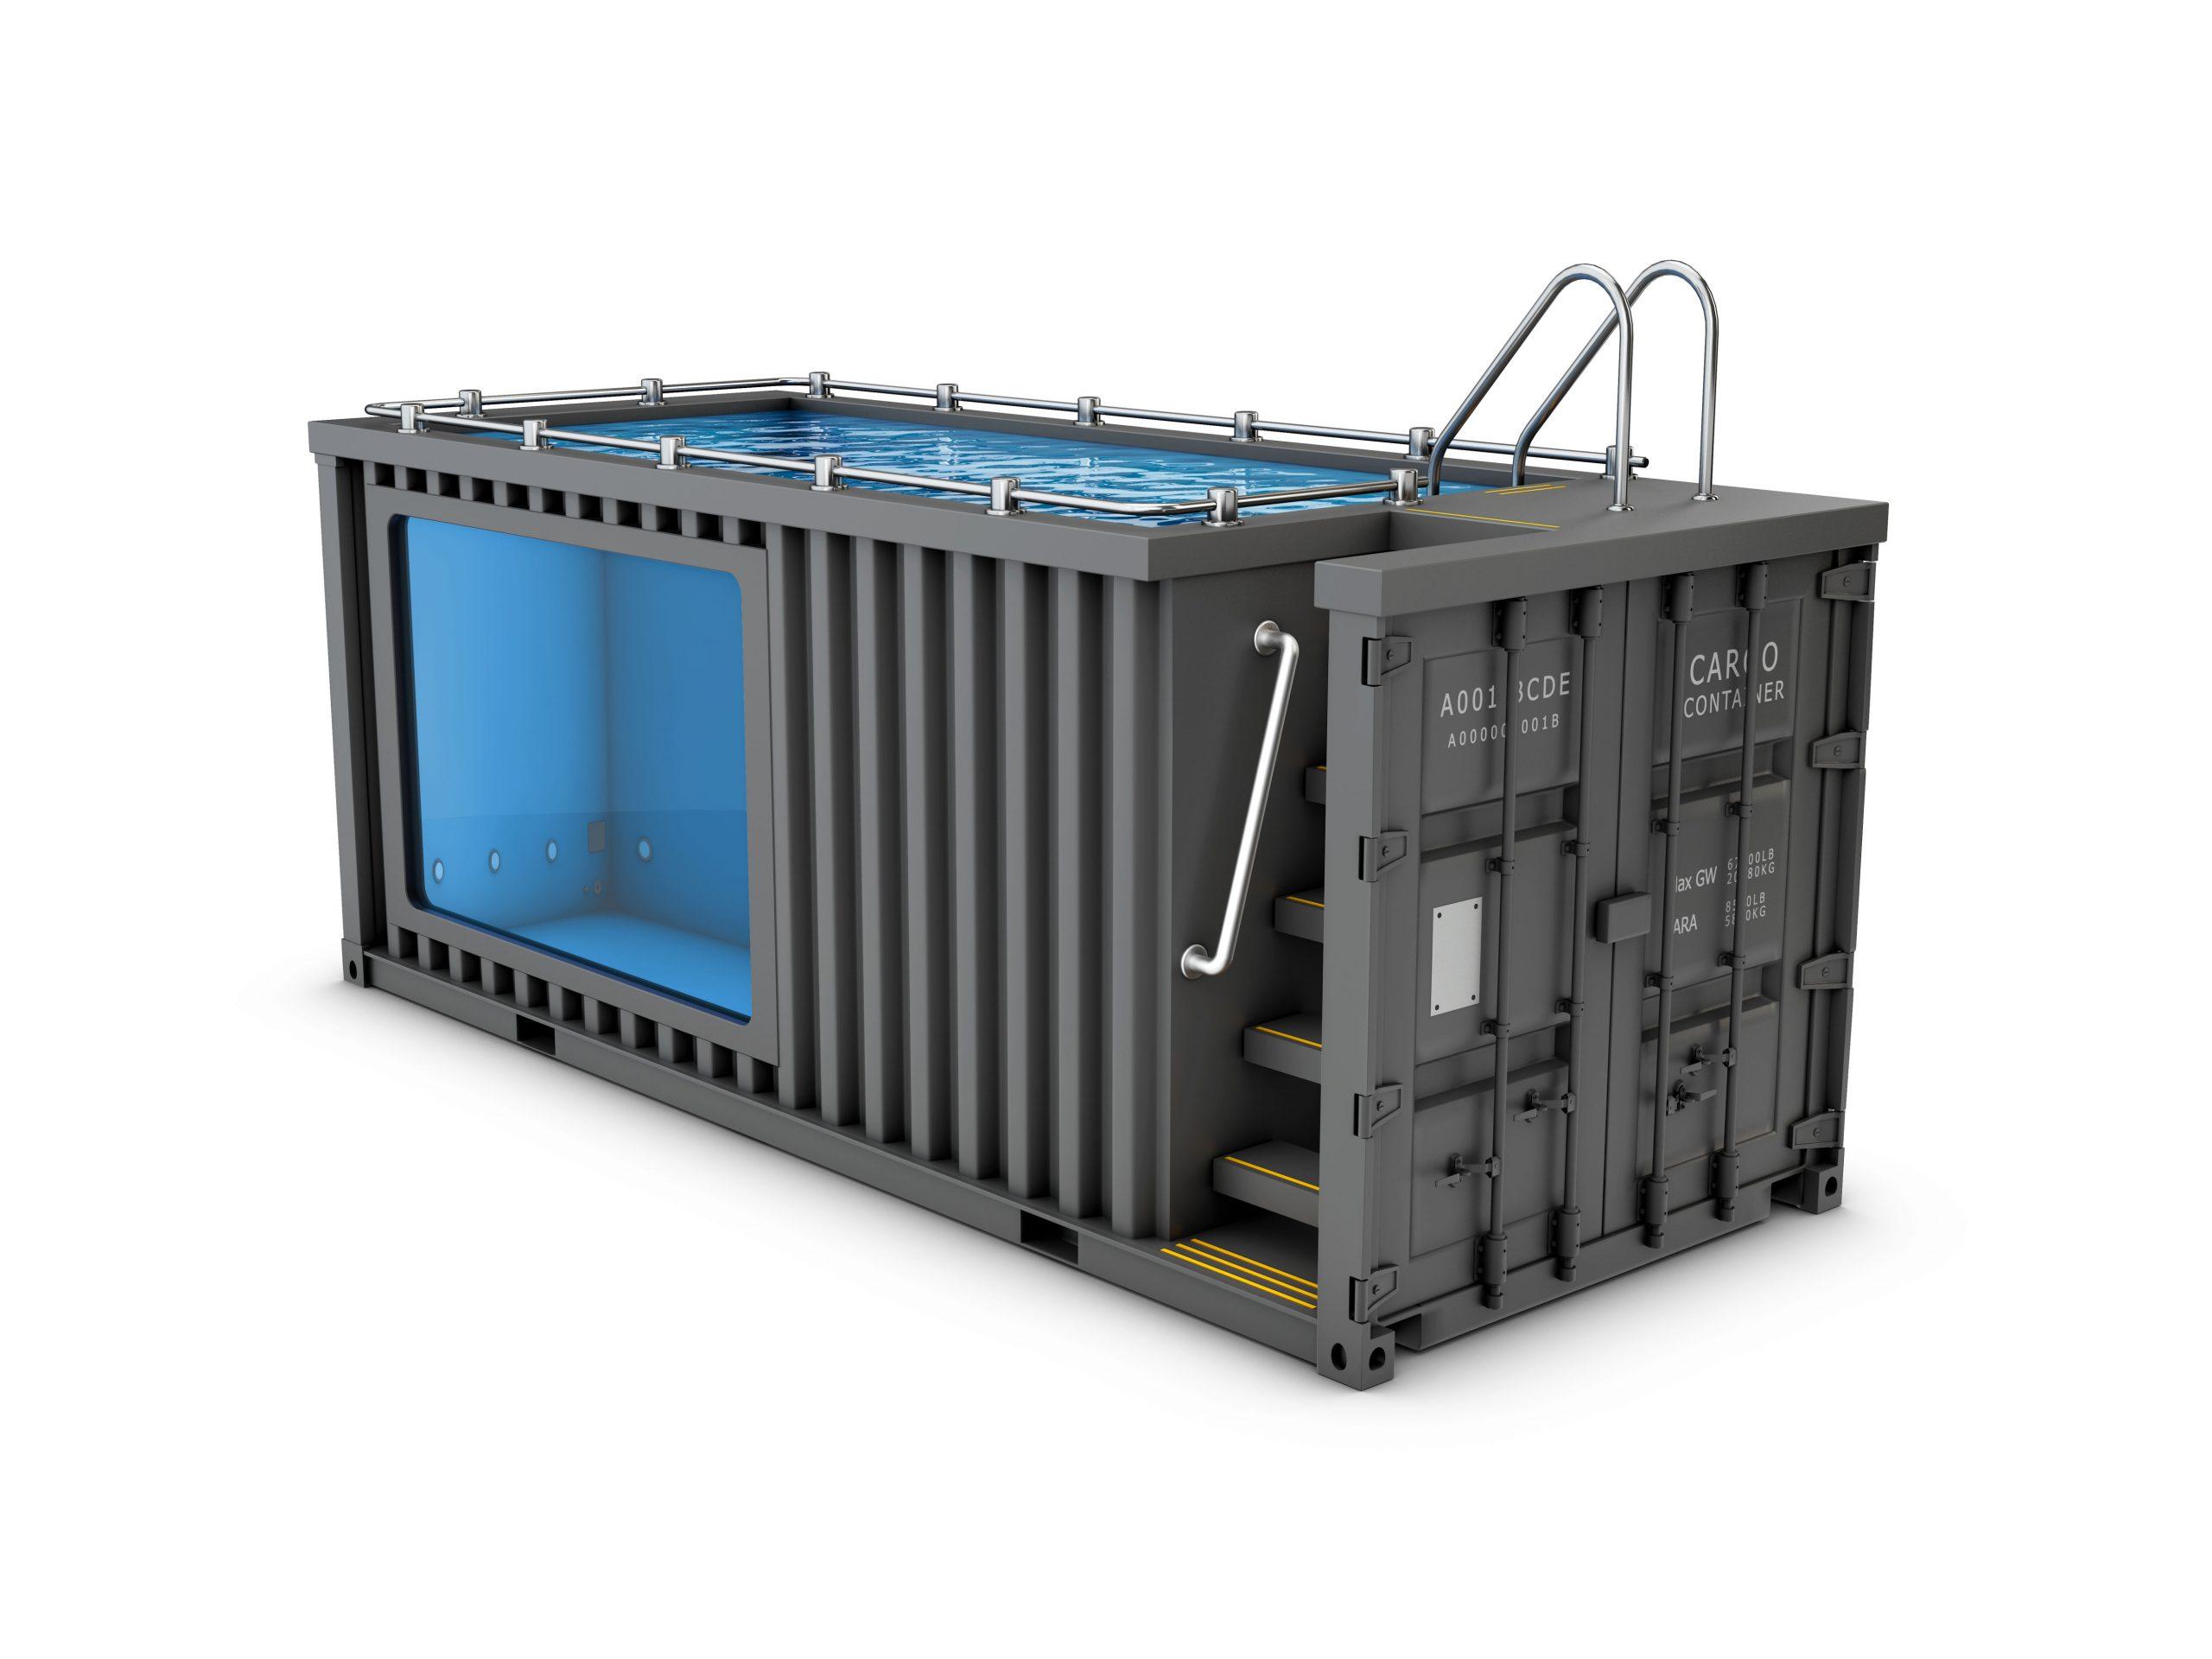 Full Size of Upcycling Containerpool Vom Ausgedienten Container Zum Pool Im Garten Bauen Bett Kaufen Hamburg Breaking Bad Mini Betten Regale Gebrauchte Küche Sofa Günstig Wohnzimmer Pool Kaufen